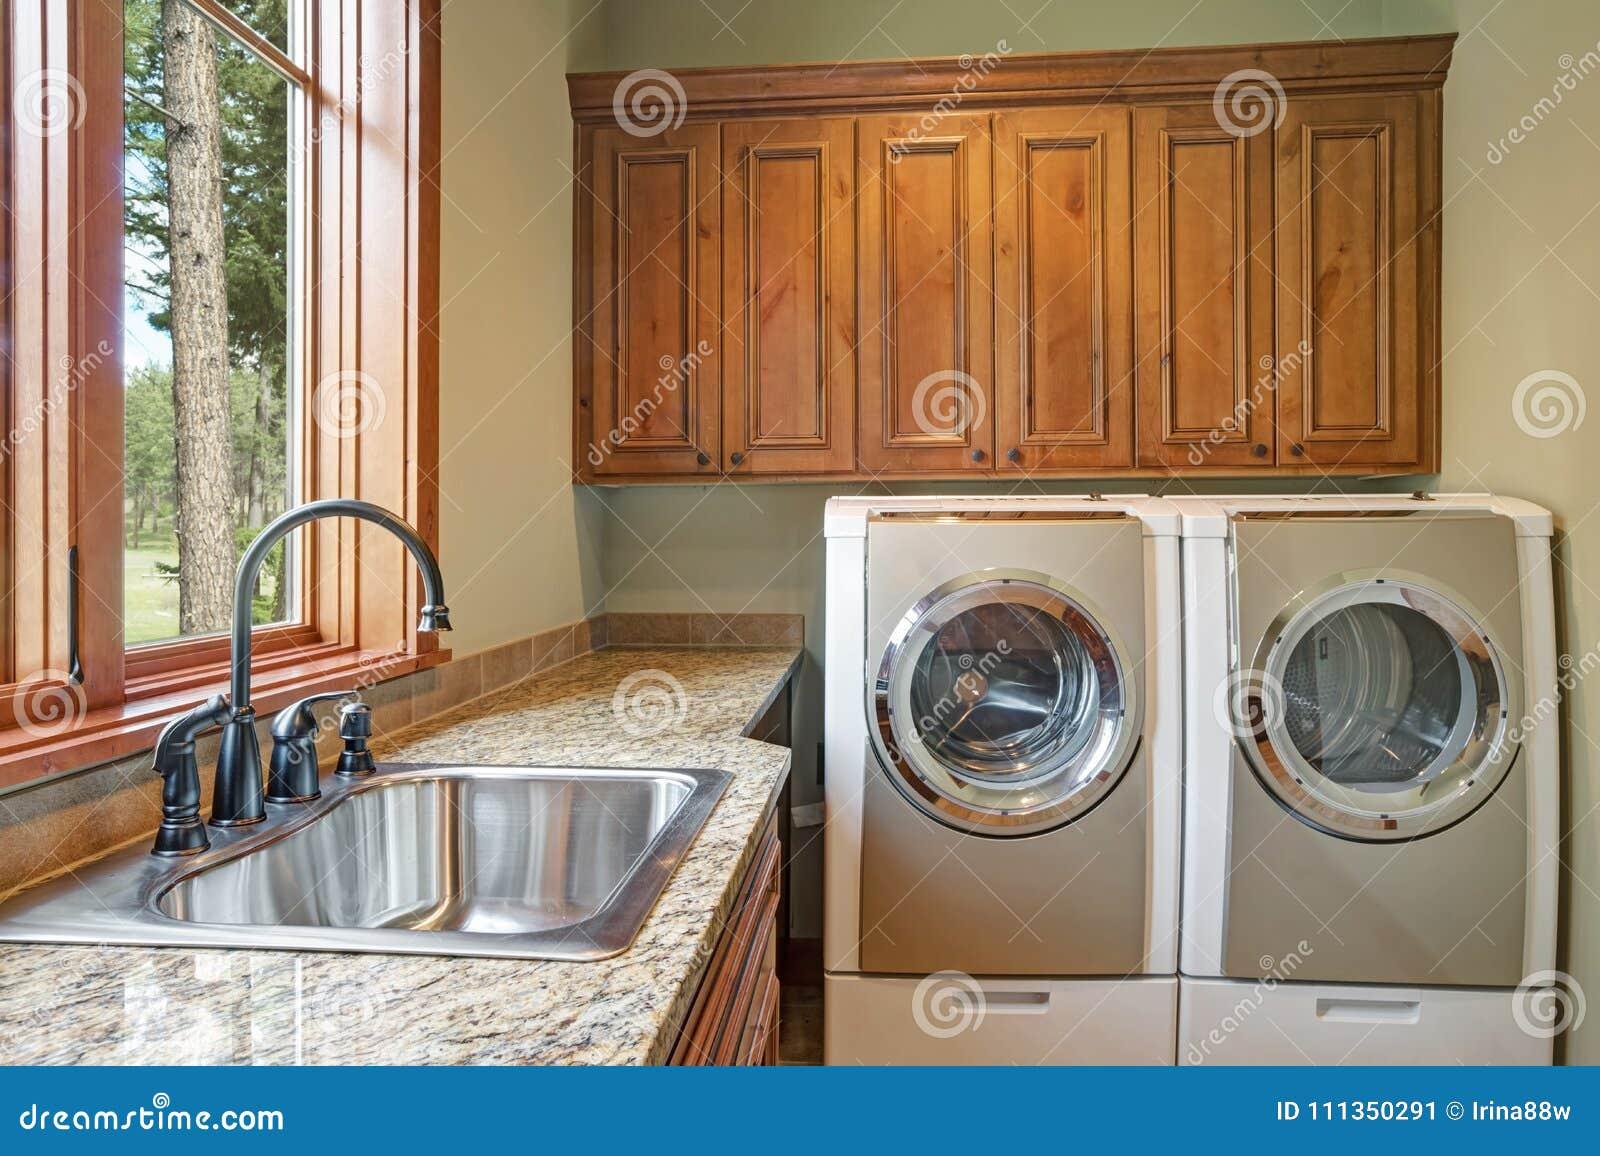 Kleidung und waschen in den usa so wäscht man richtig